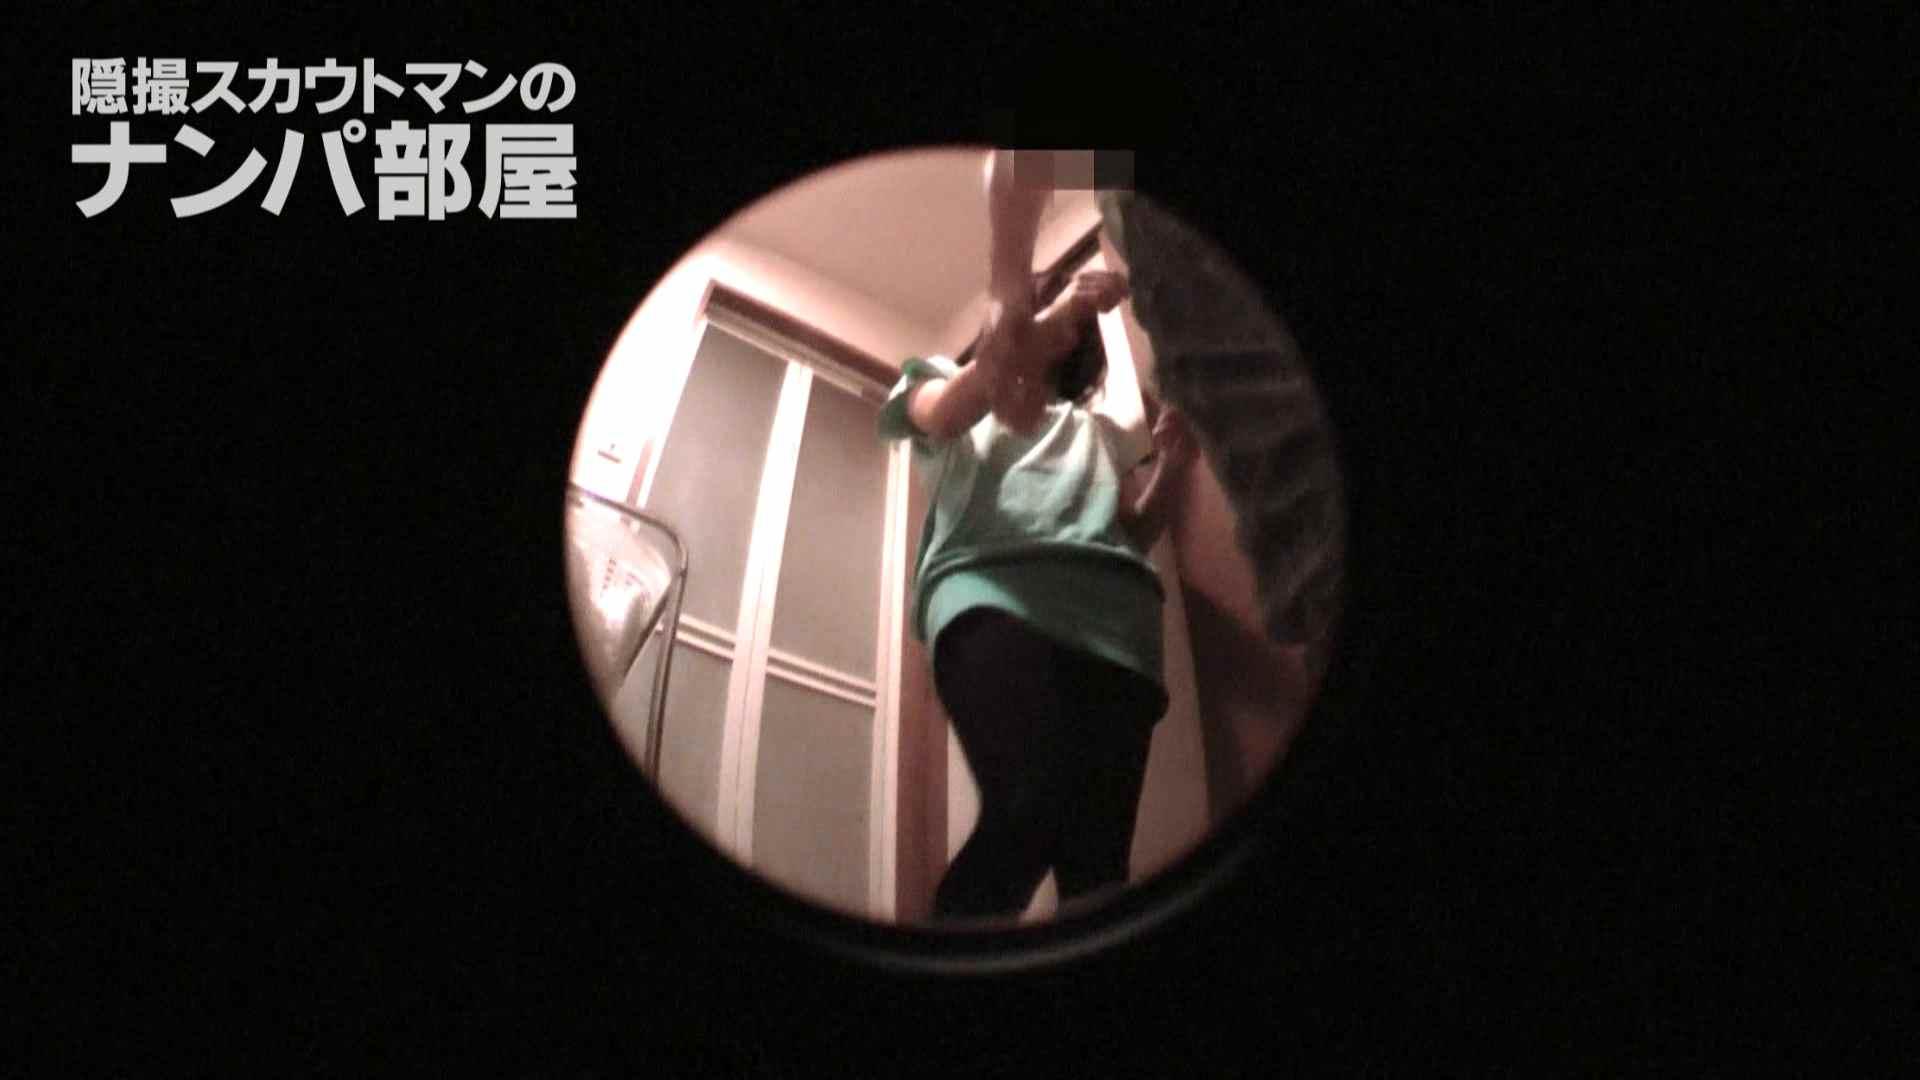 隠撮スカウトマンのナンパ部屋~風俗デビュー前のつまみ食い~ siivol.4 ナンパ | 中出し  59連発 16